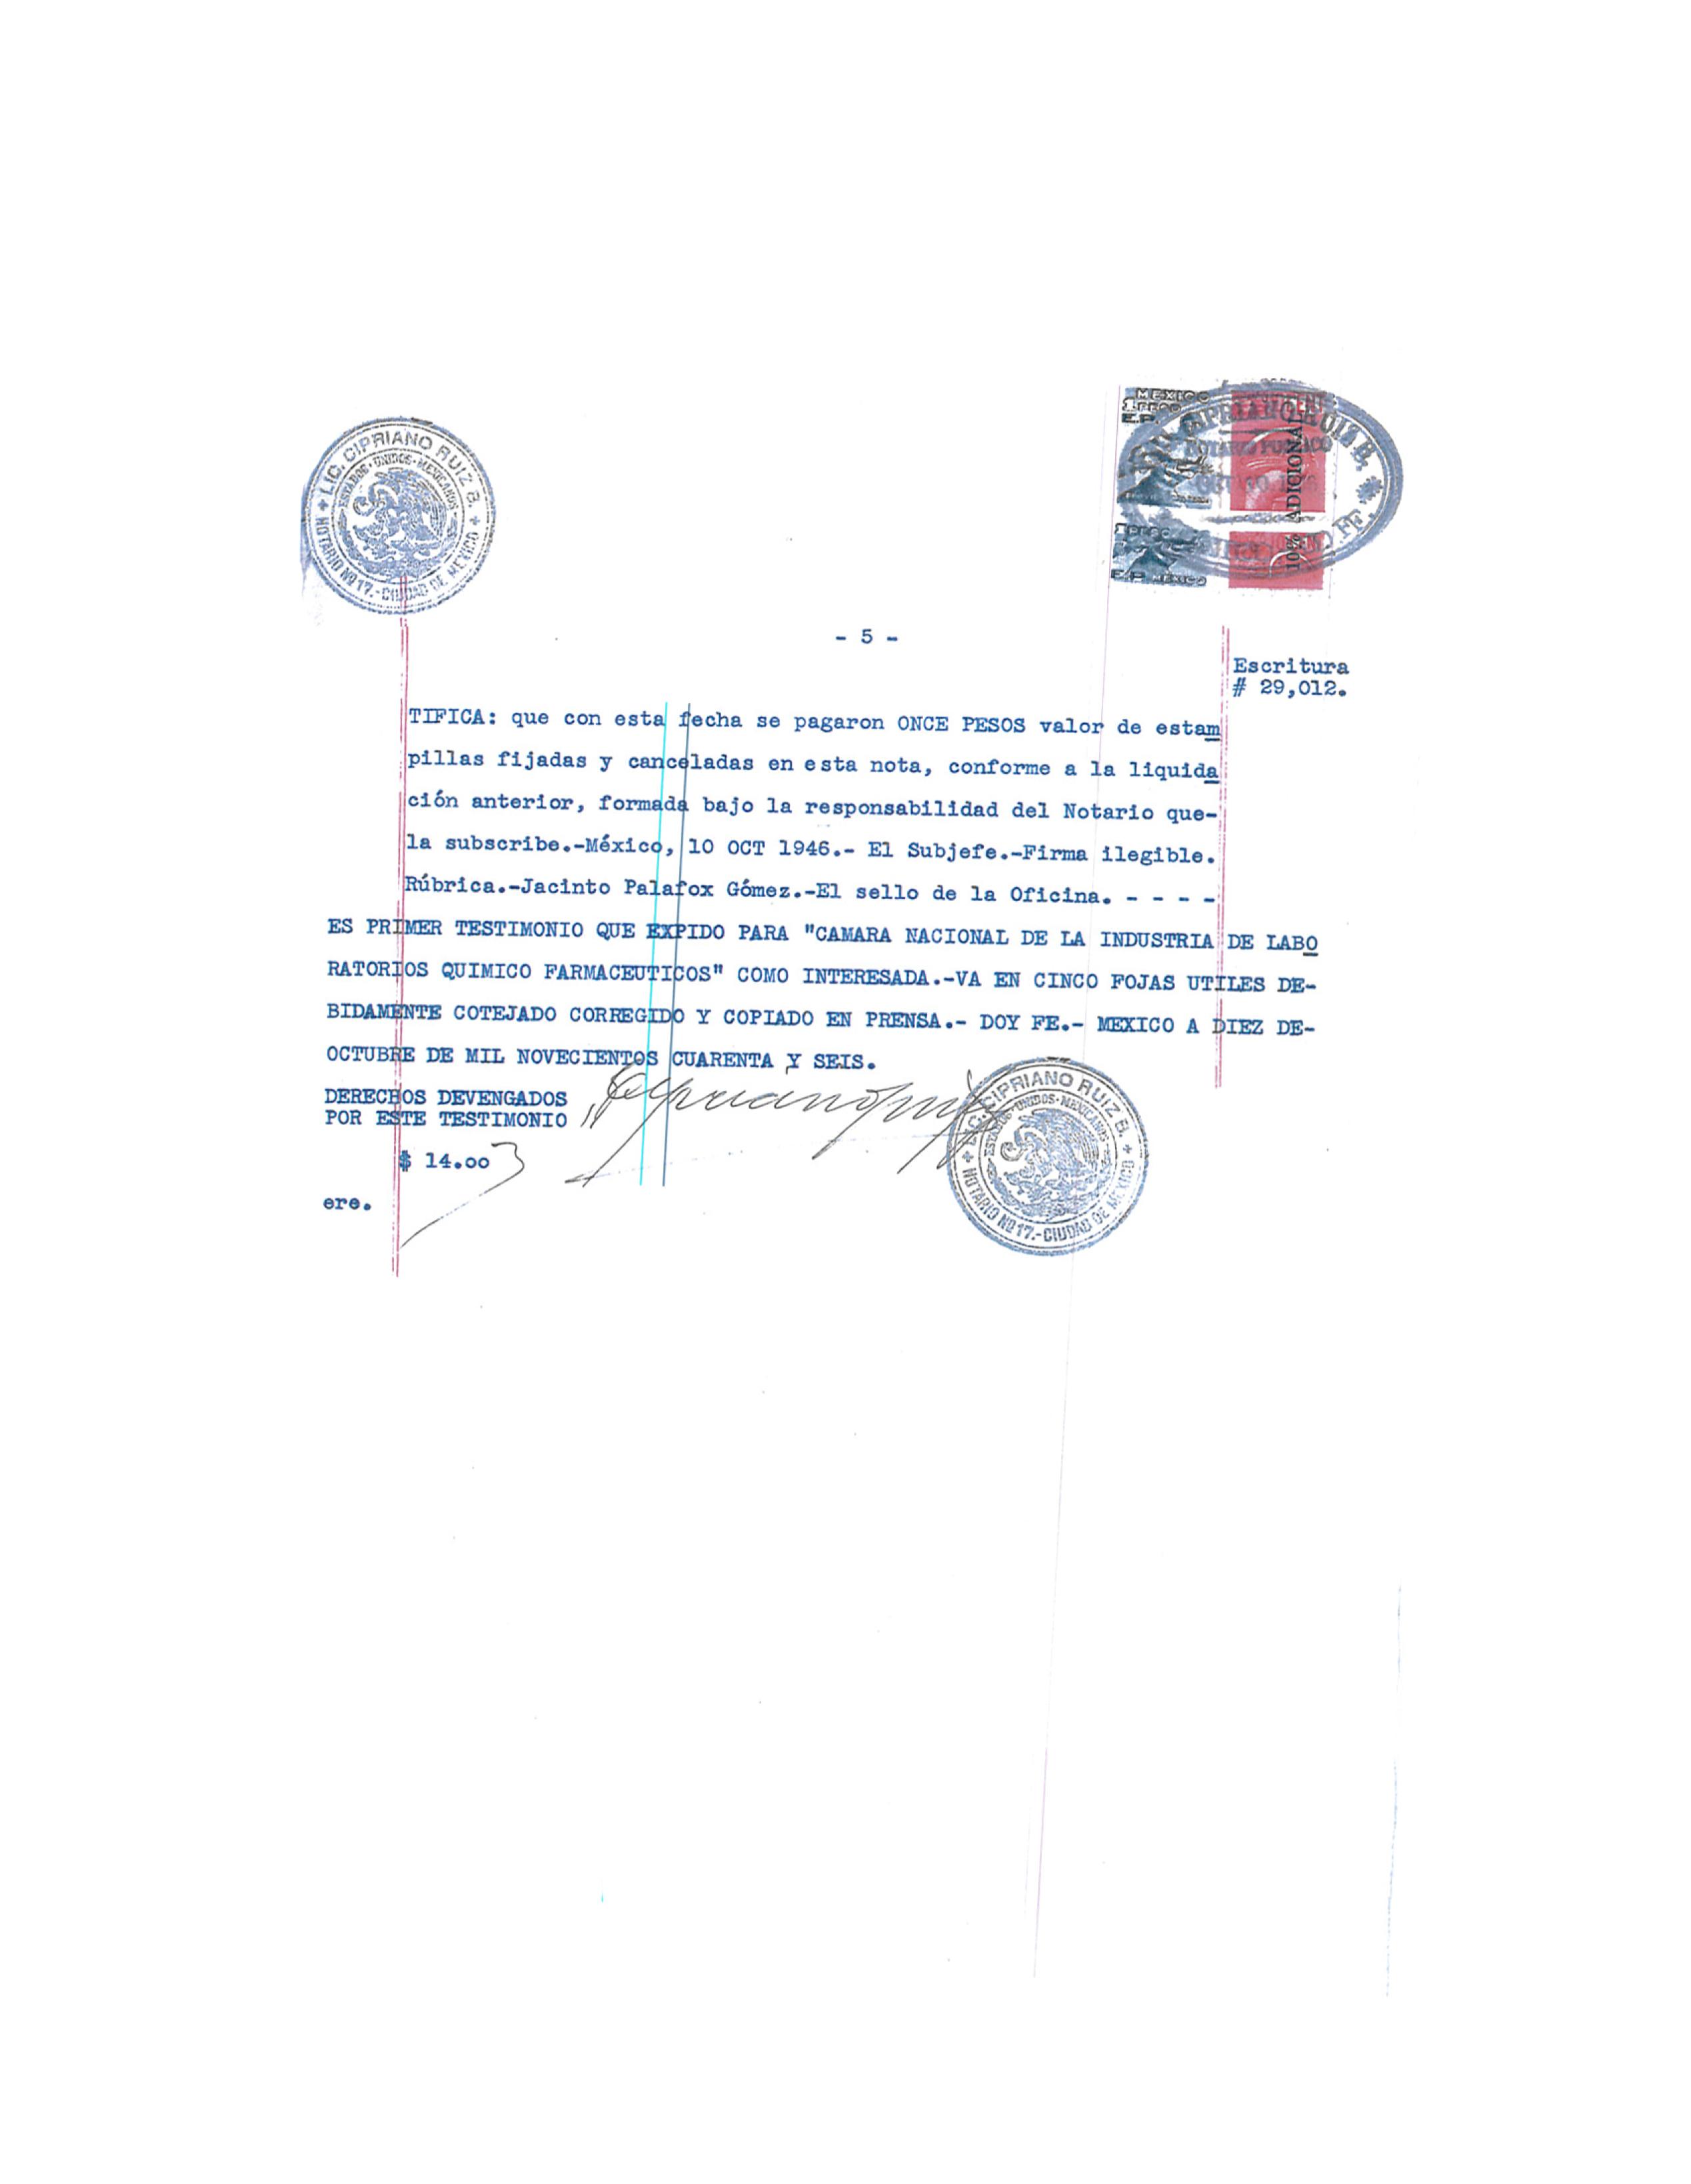 acta-asamblea-1946-9